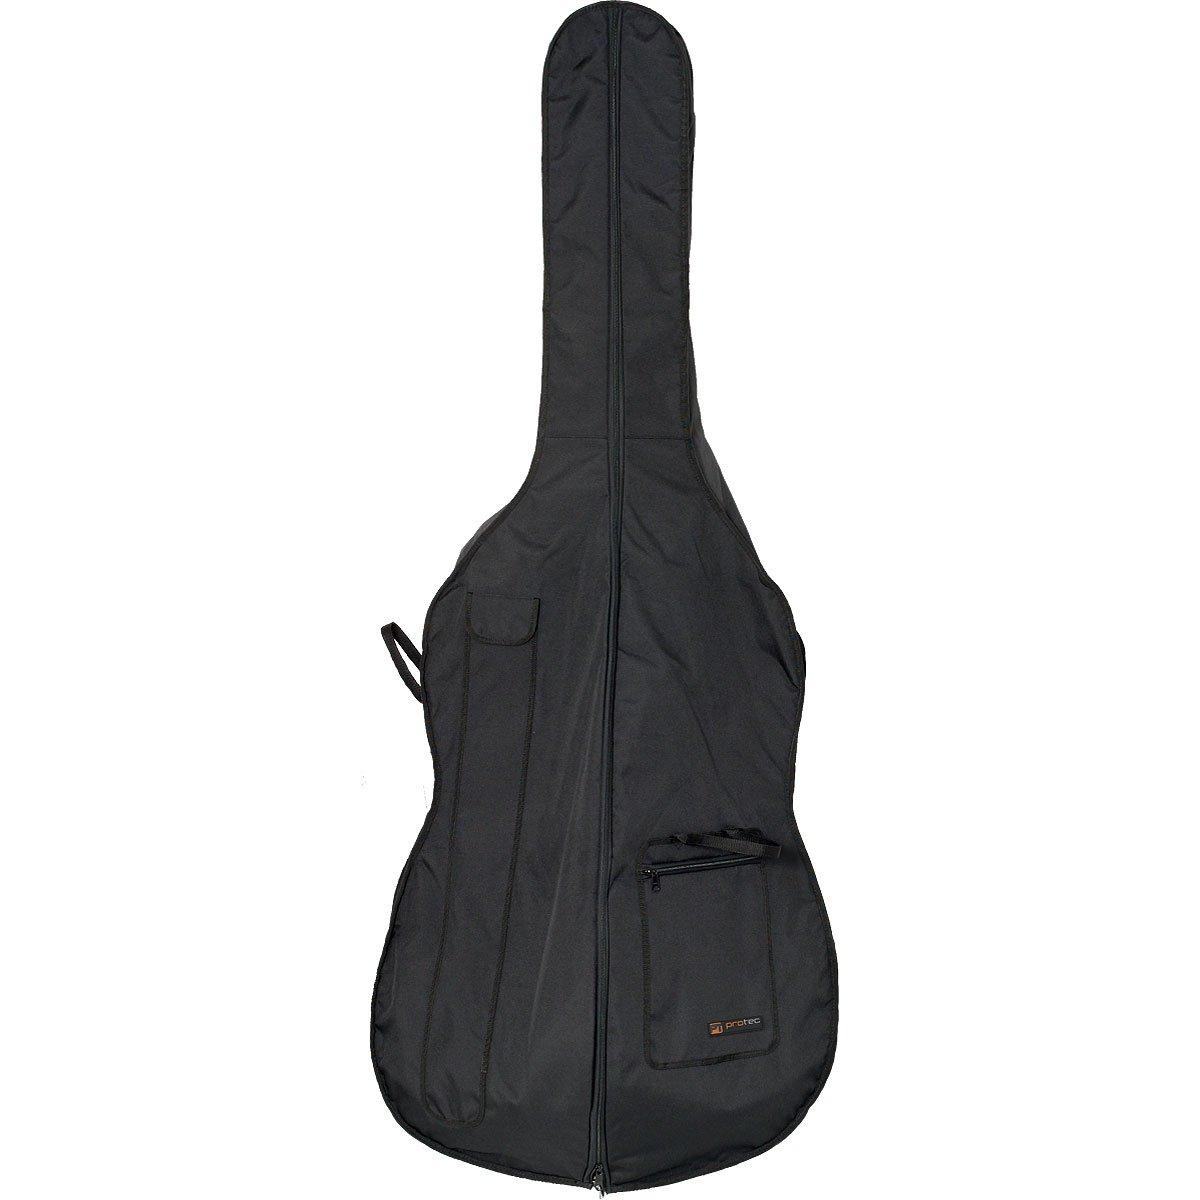 Protec 3/4 Standard Bass Bag Pro Tec C313E